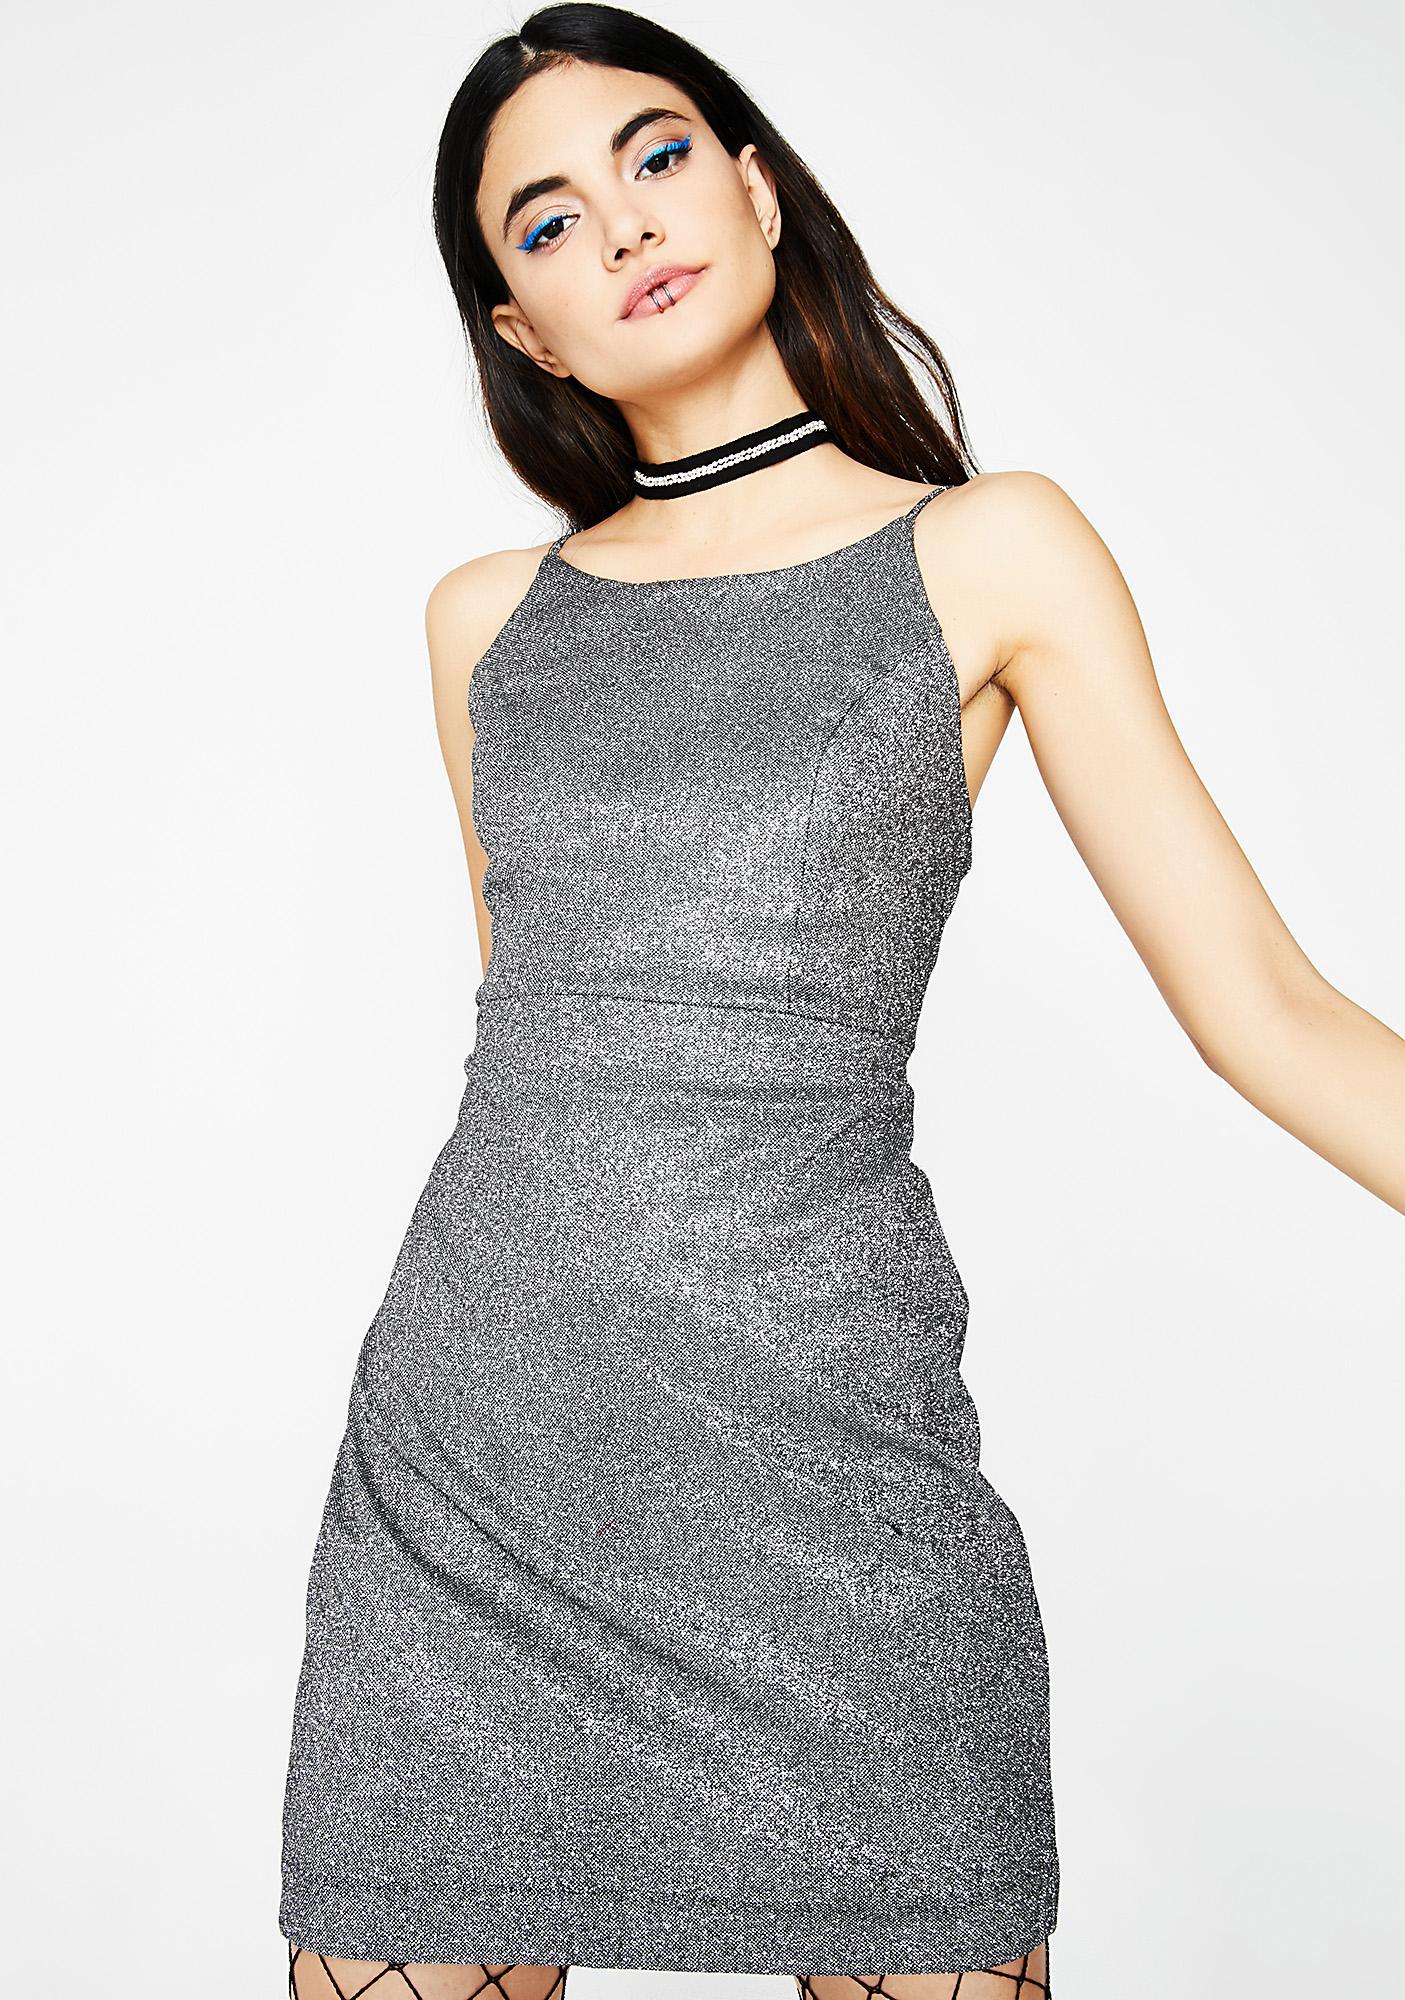 Sparkly Mini Dress | Dolls Kill